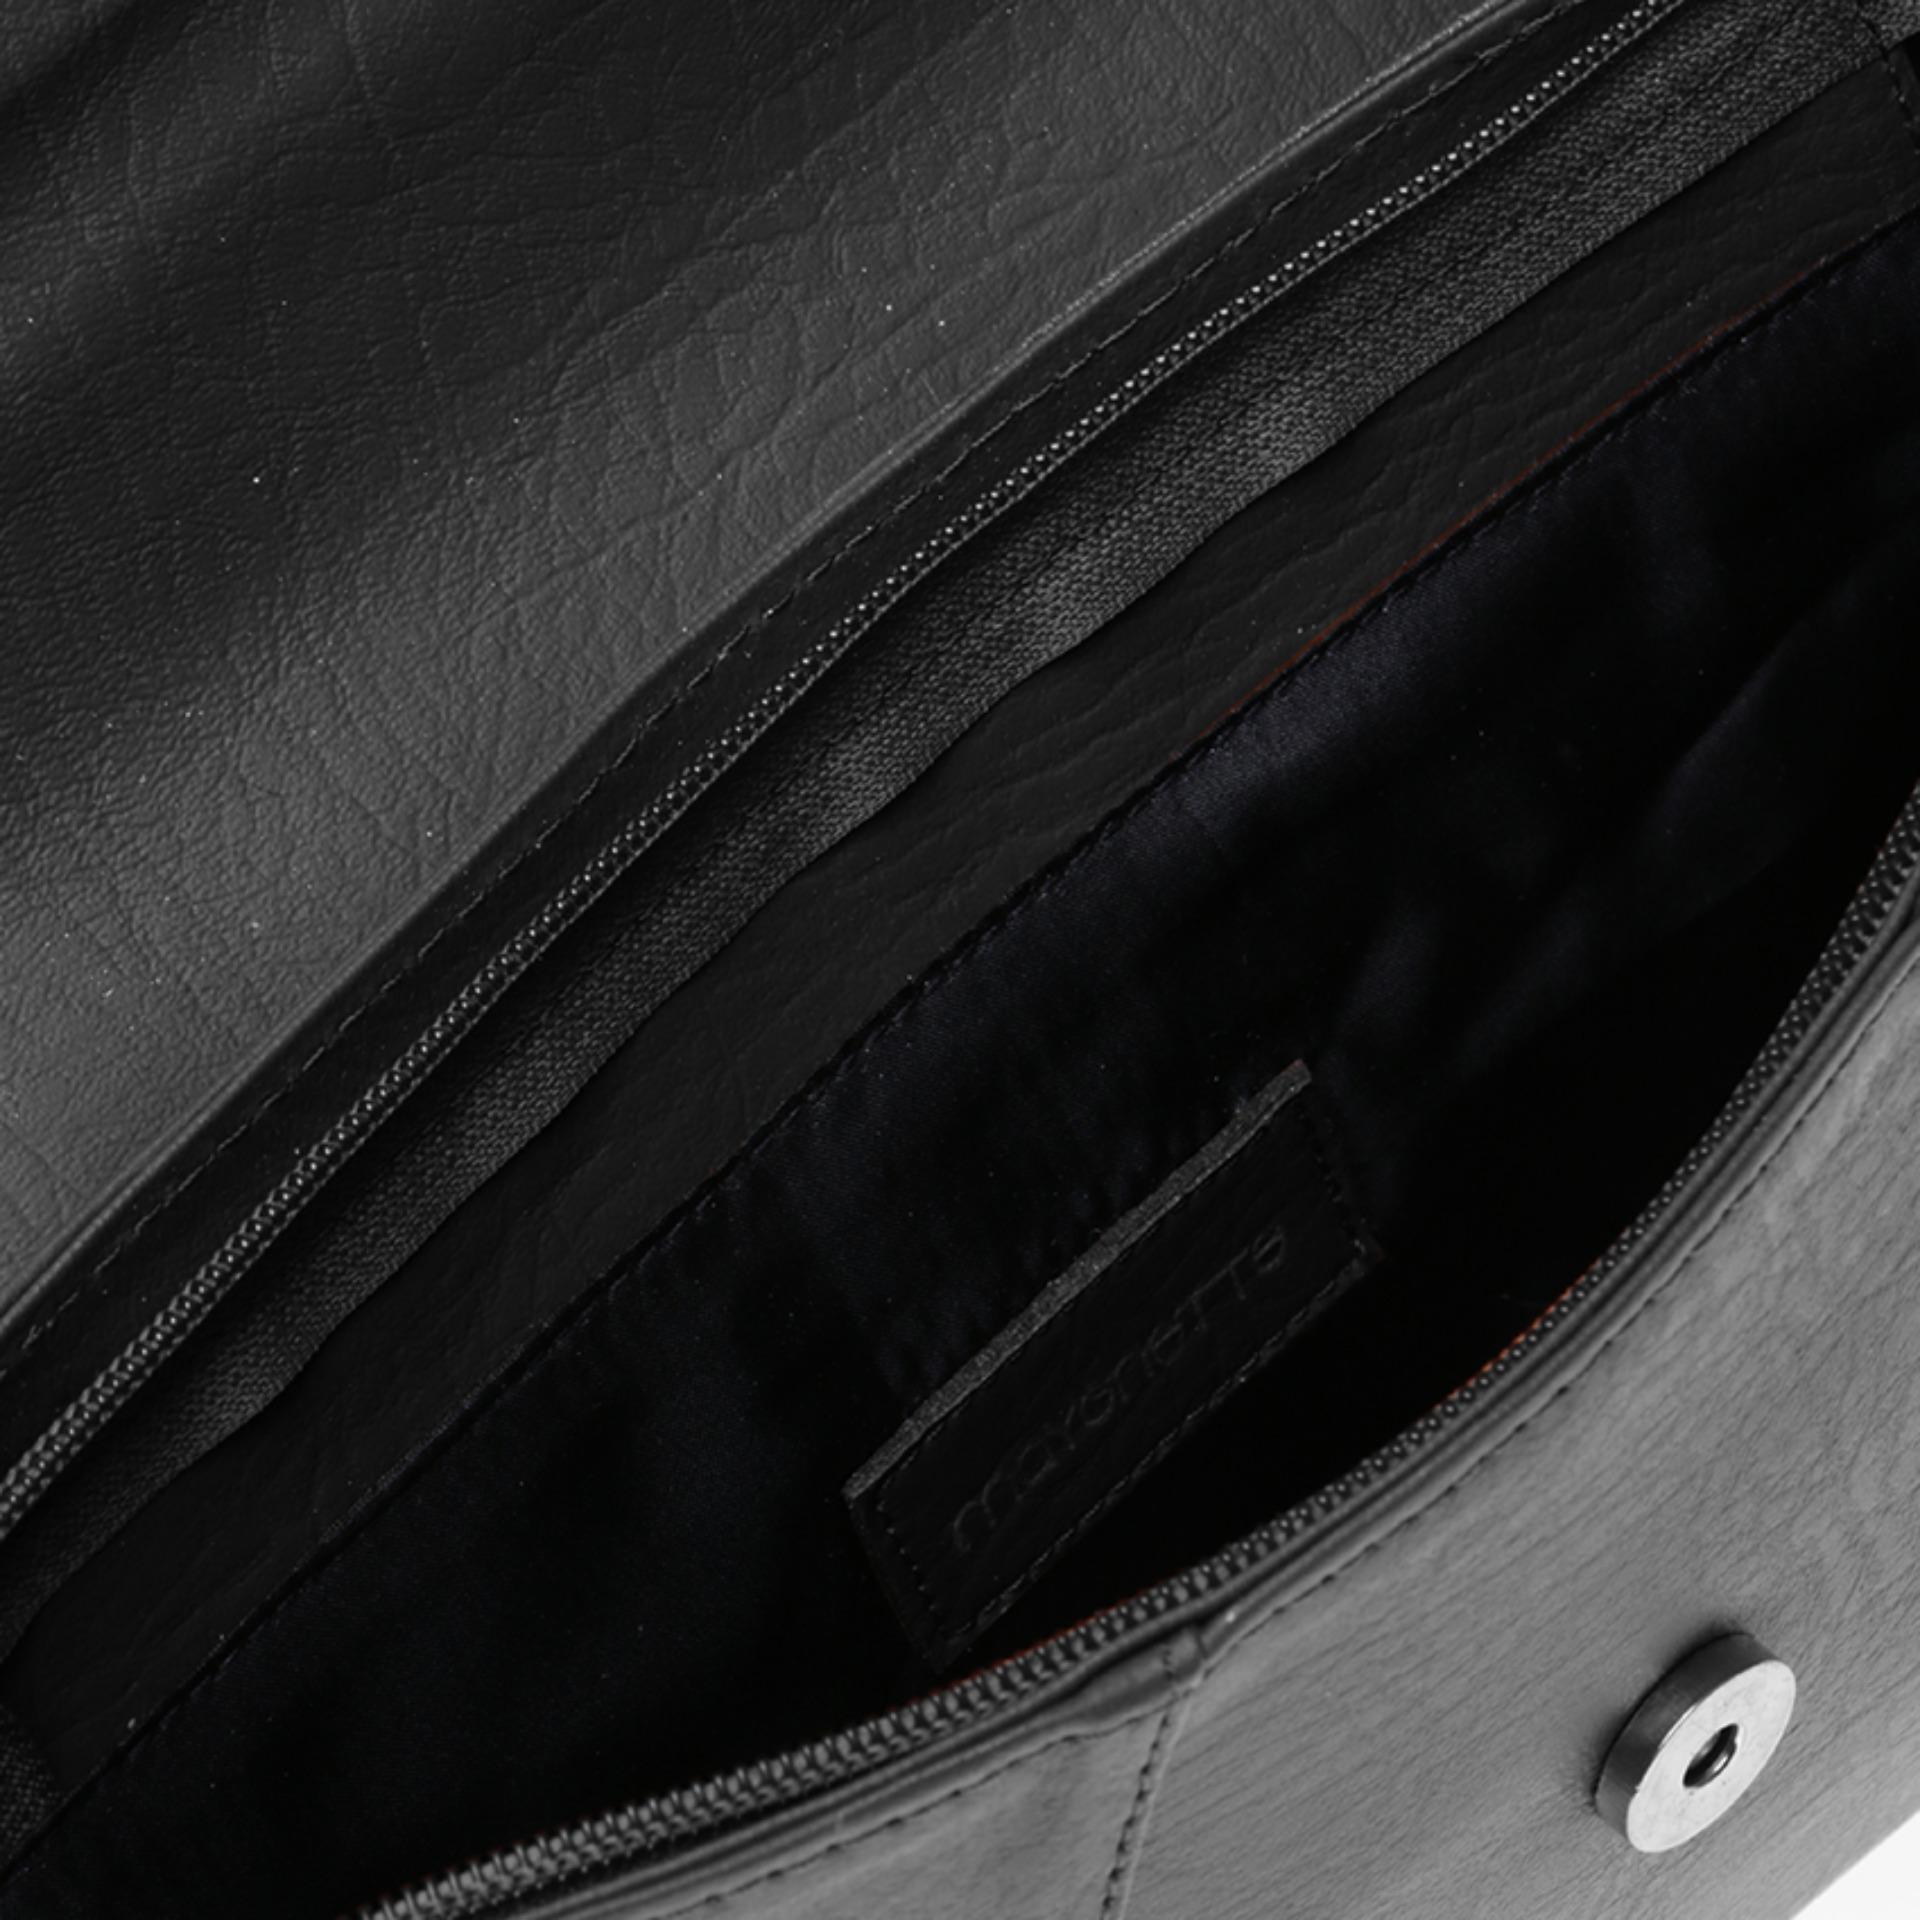 Mayonette Felipe Sling menawarkan desain unik dengan bagian bukaan atas yang dapat dilipat, lengkap dengan penutup magnet dan ritsleting serta tali panjang, ...